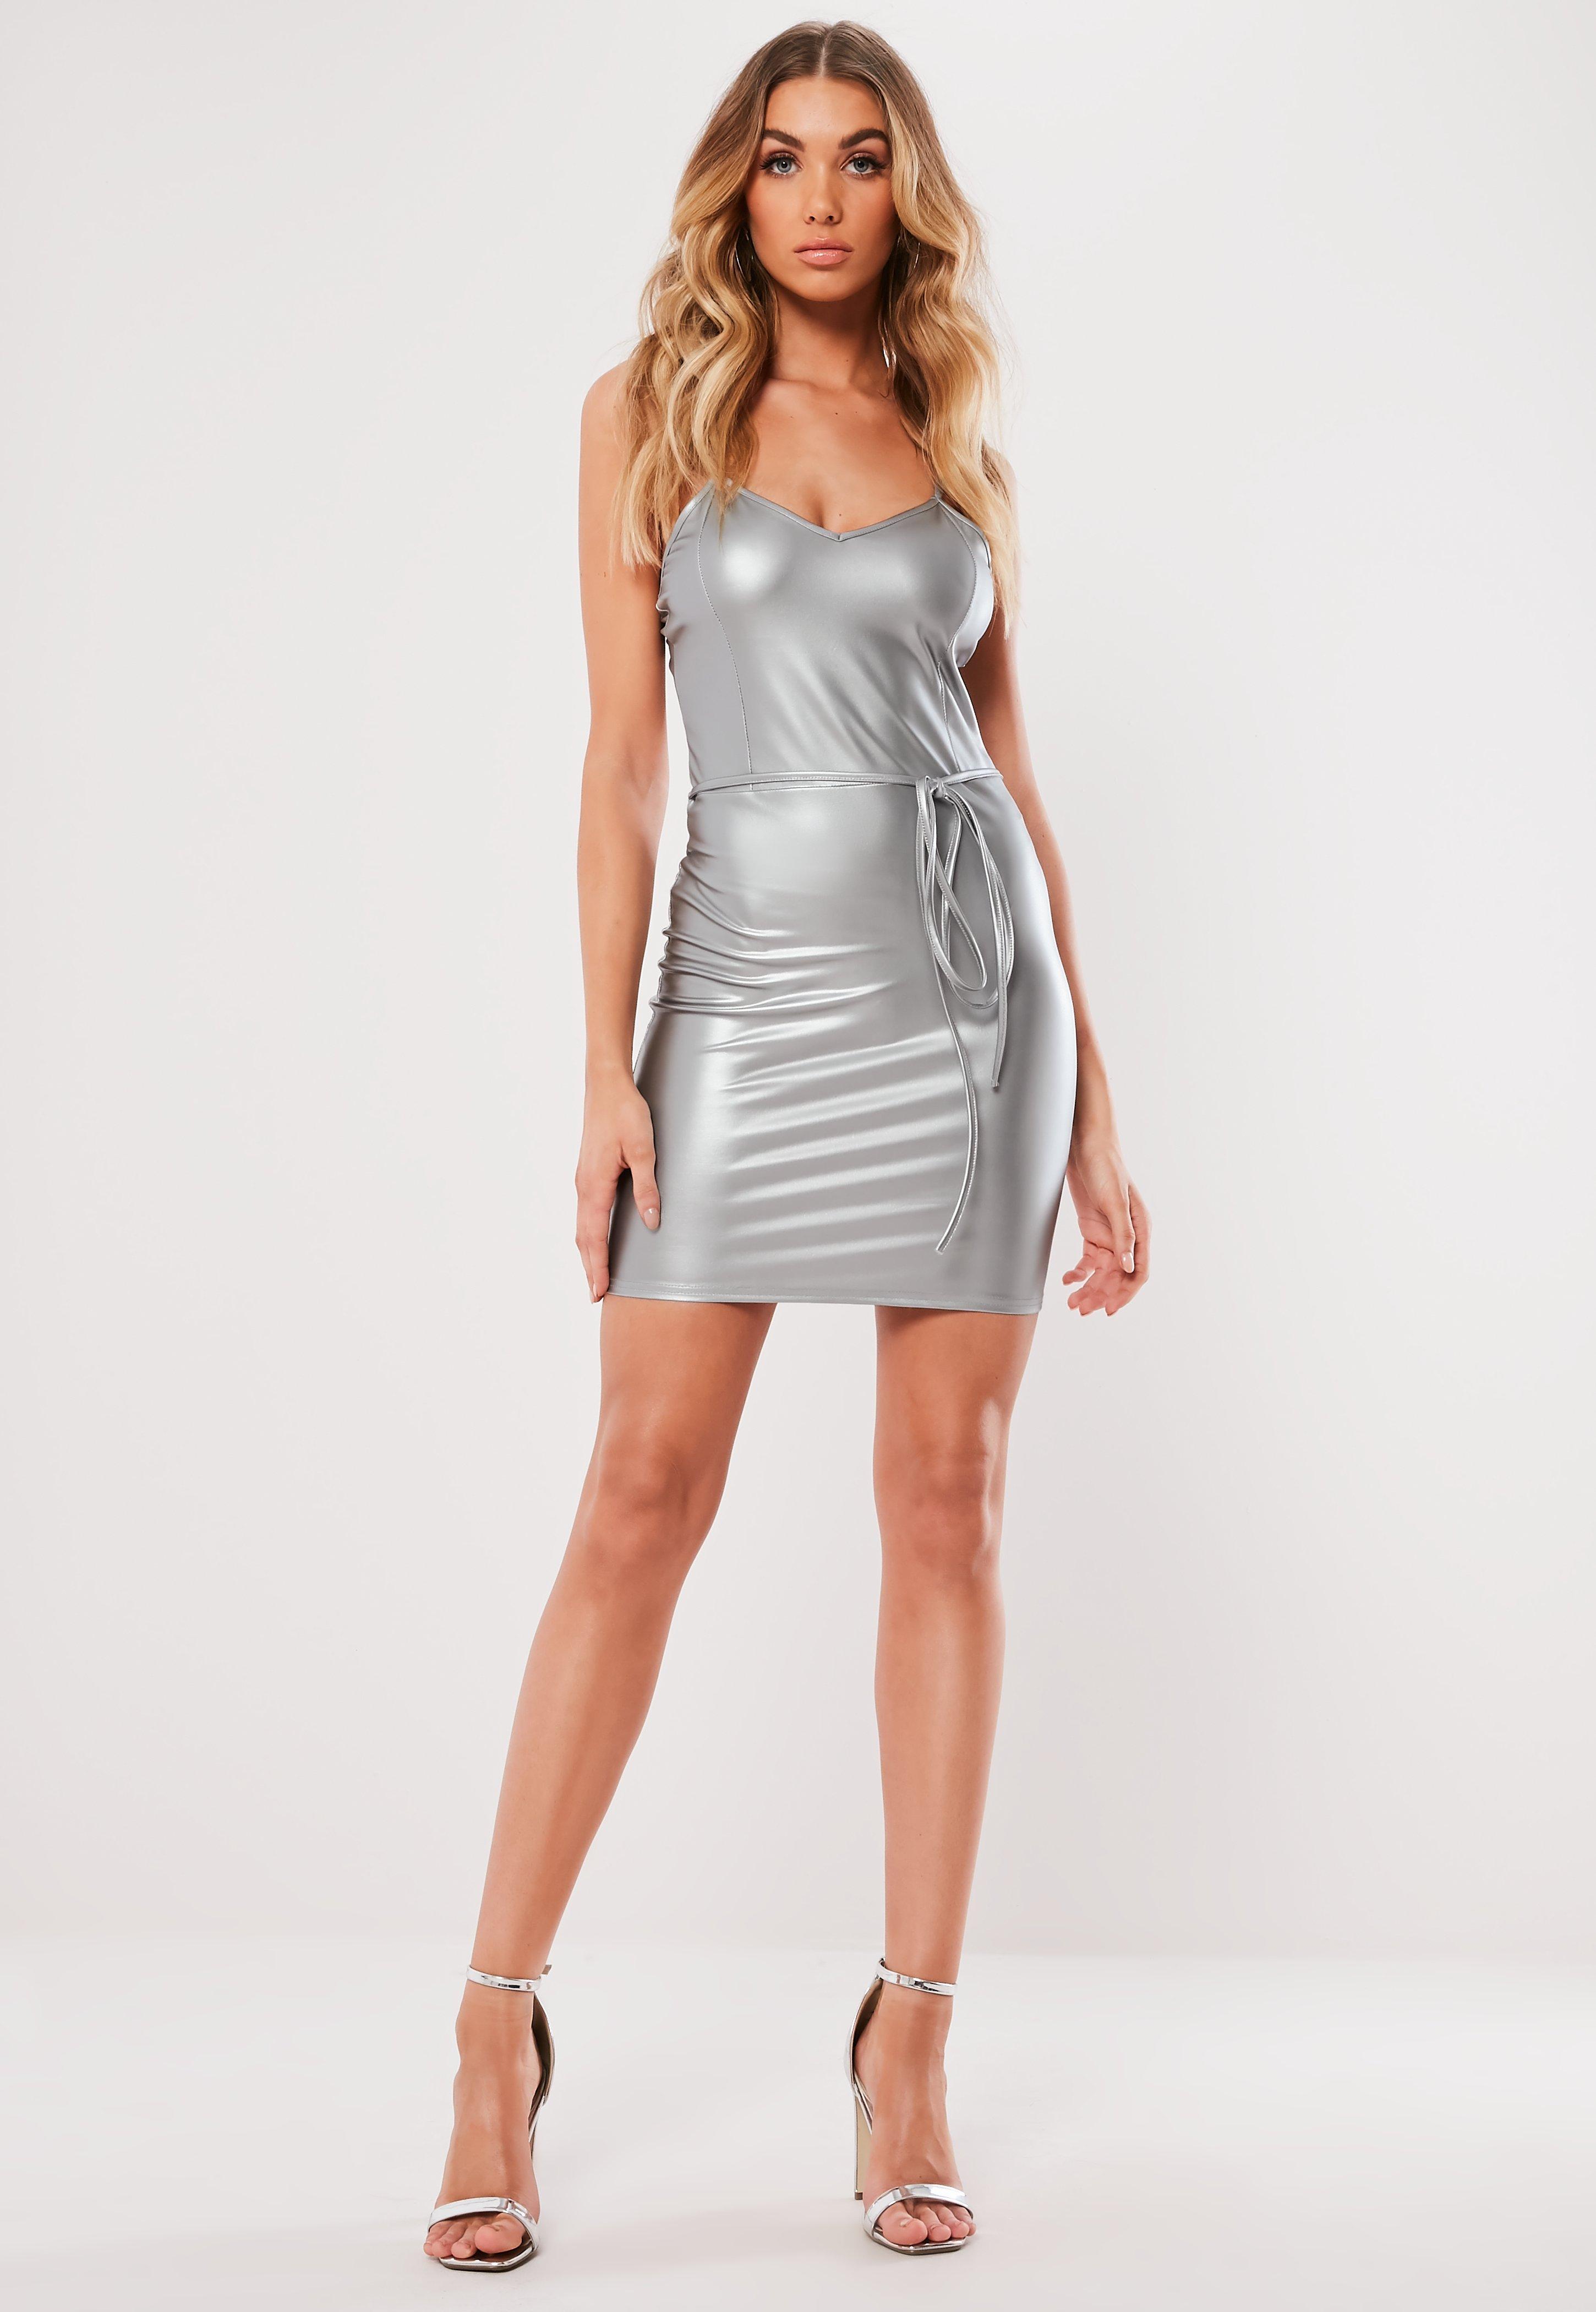 09d7407f0d949 Party Dresses